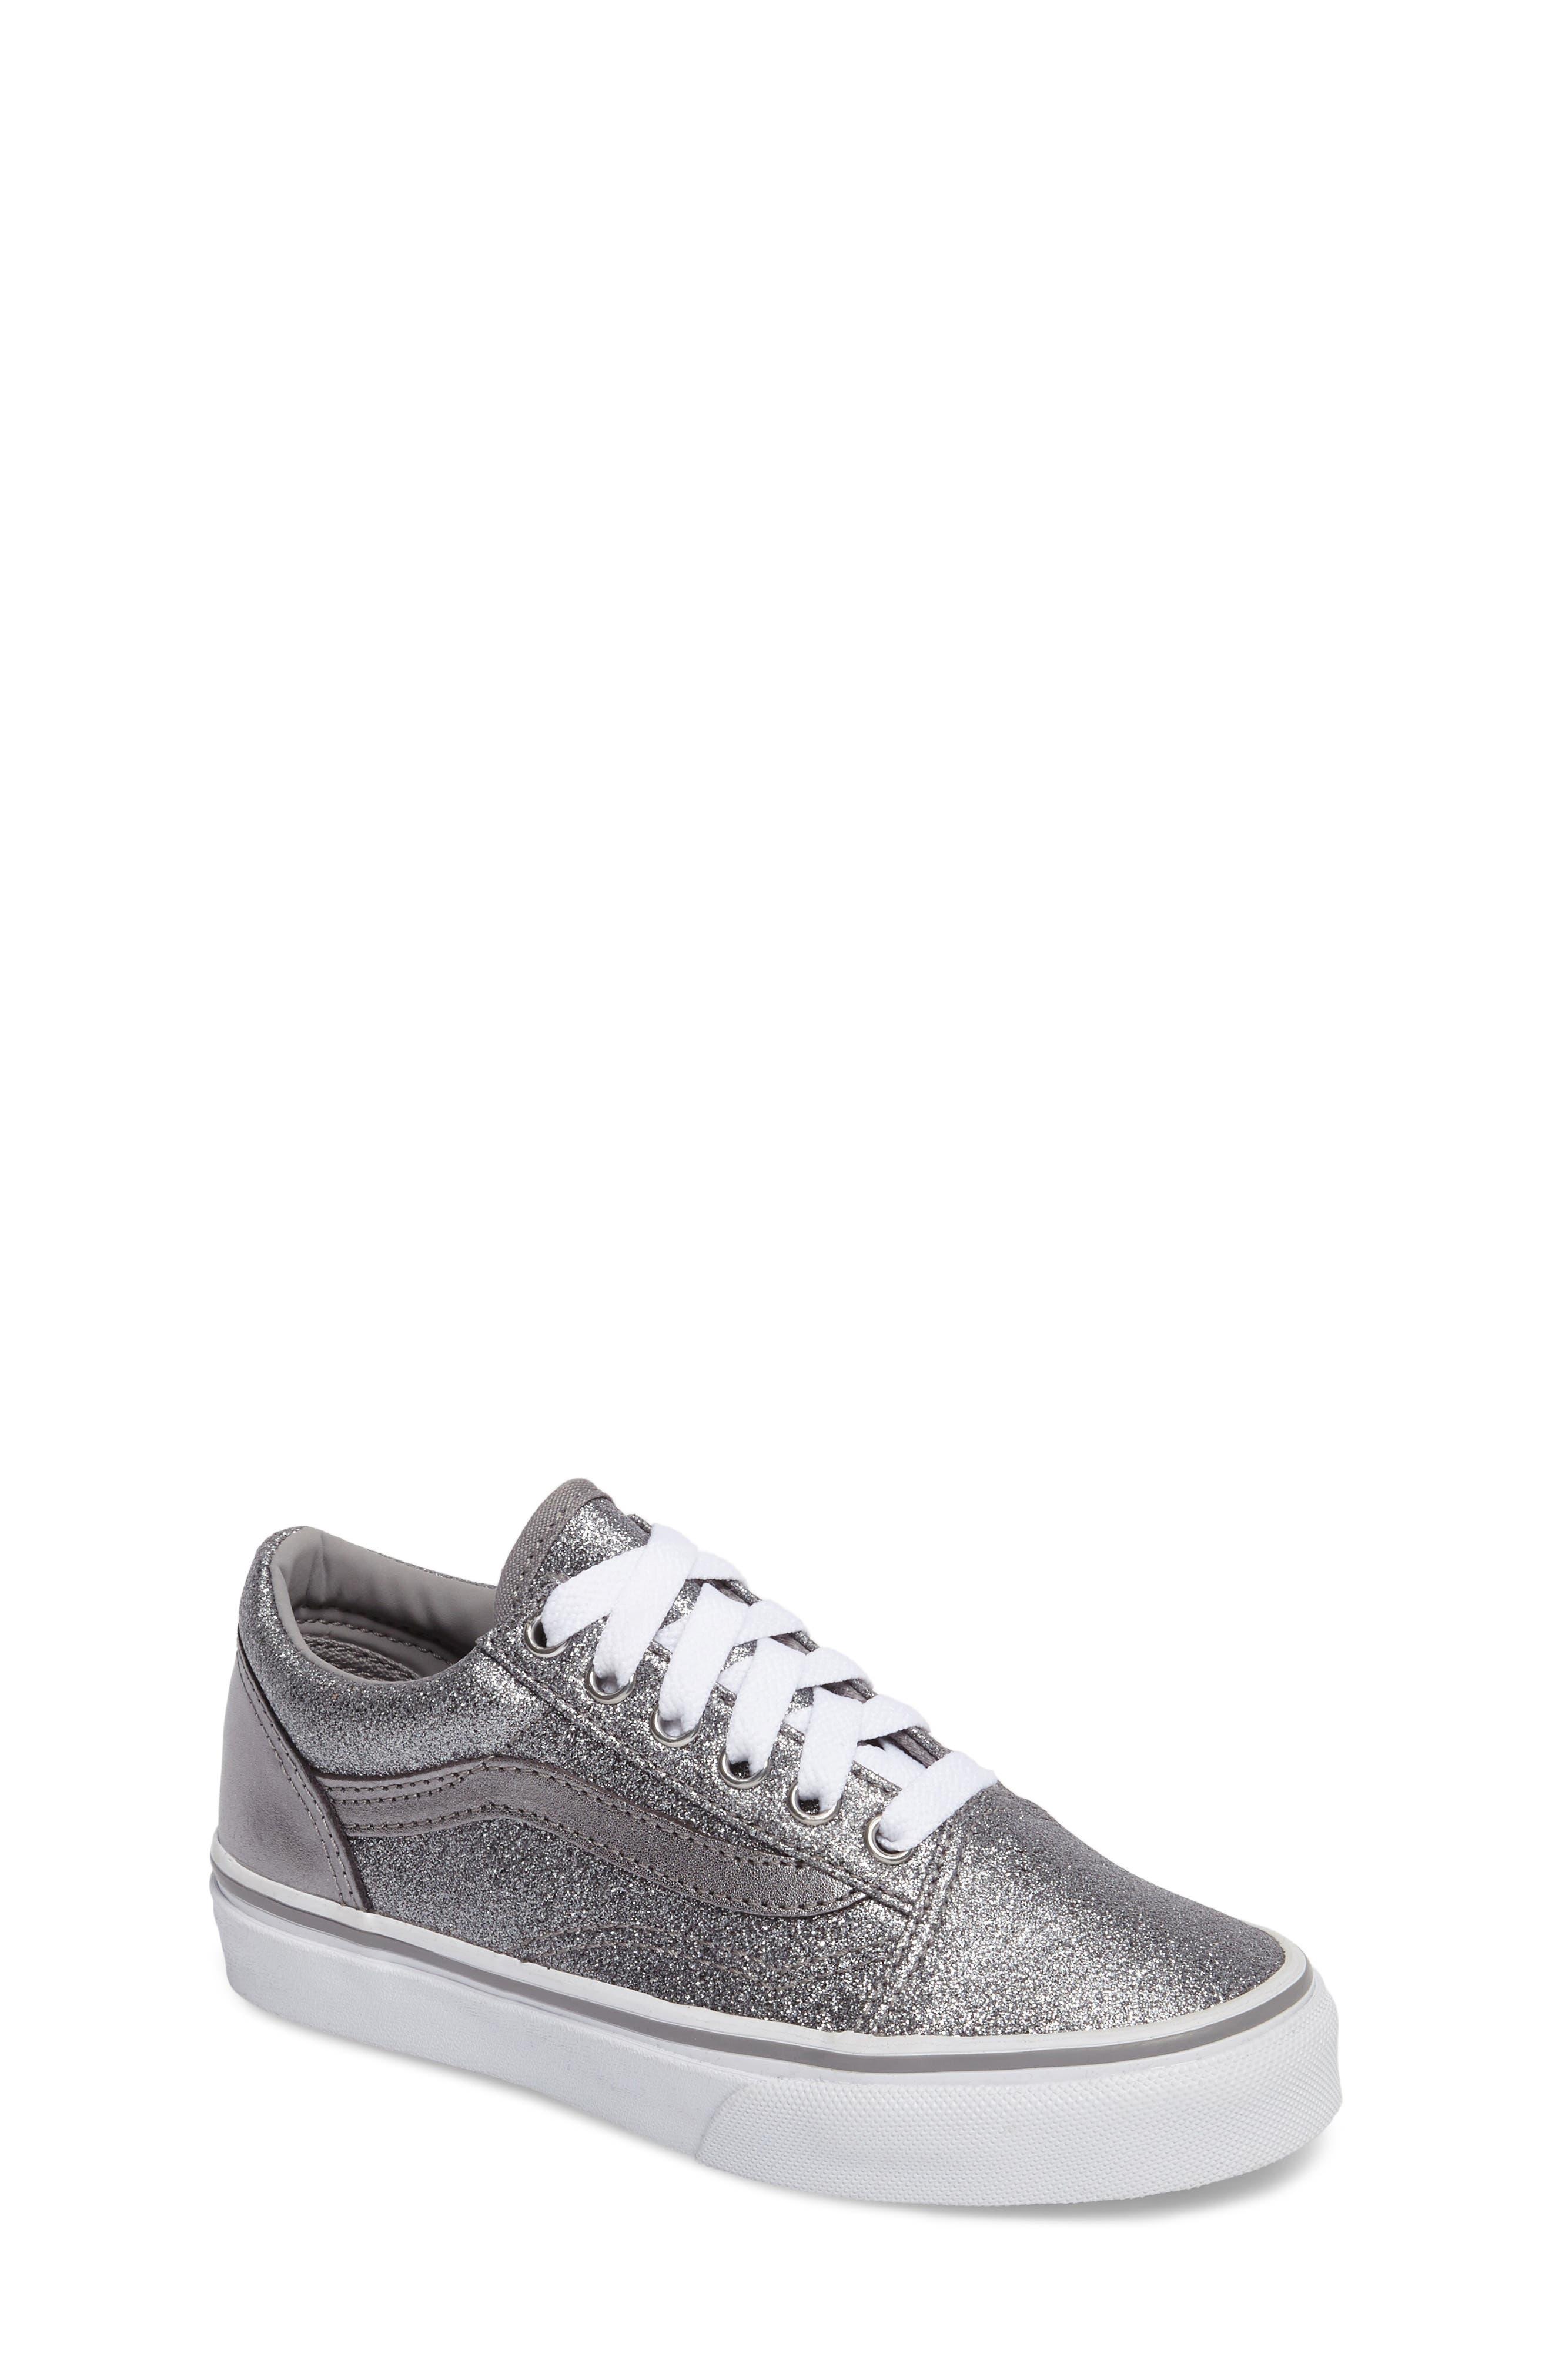 Old Skool Glitter Sneaker,                             Main thumbnail 1, color,                             040